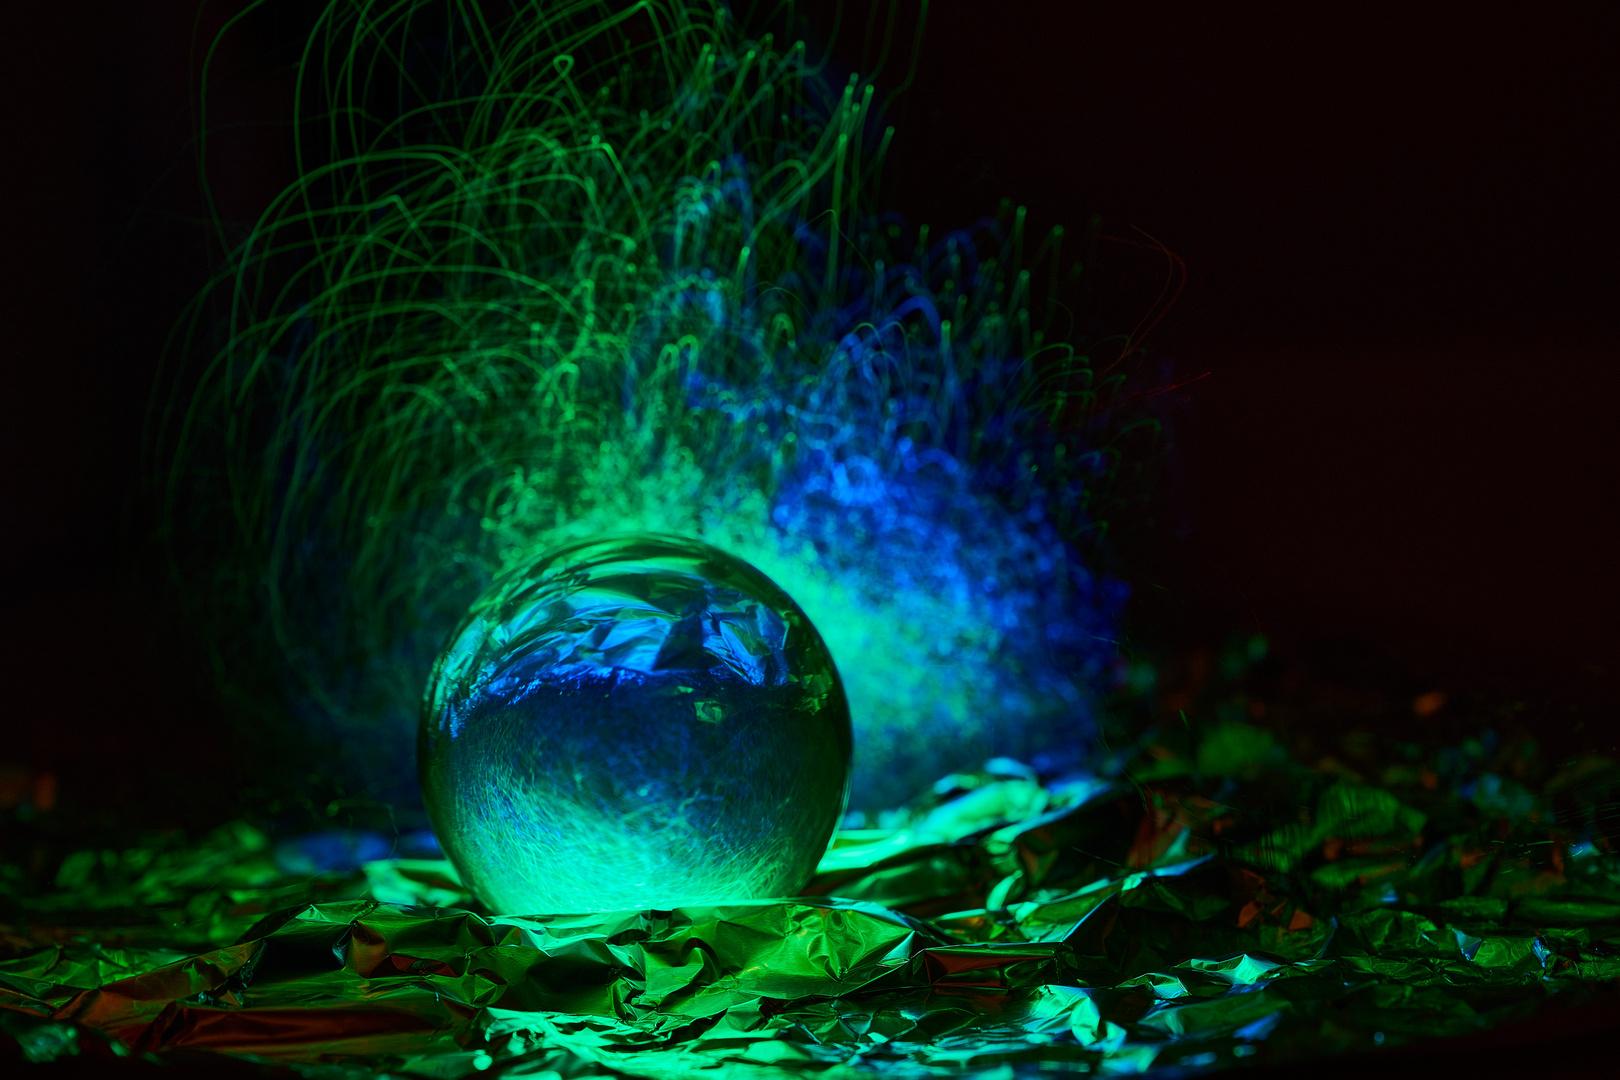 LightPainting mit Glaskugel und Fiberglasleuchte